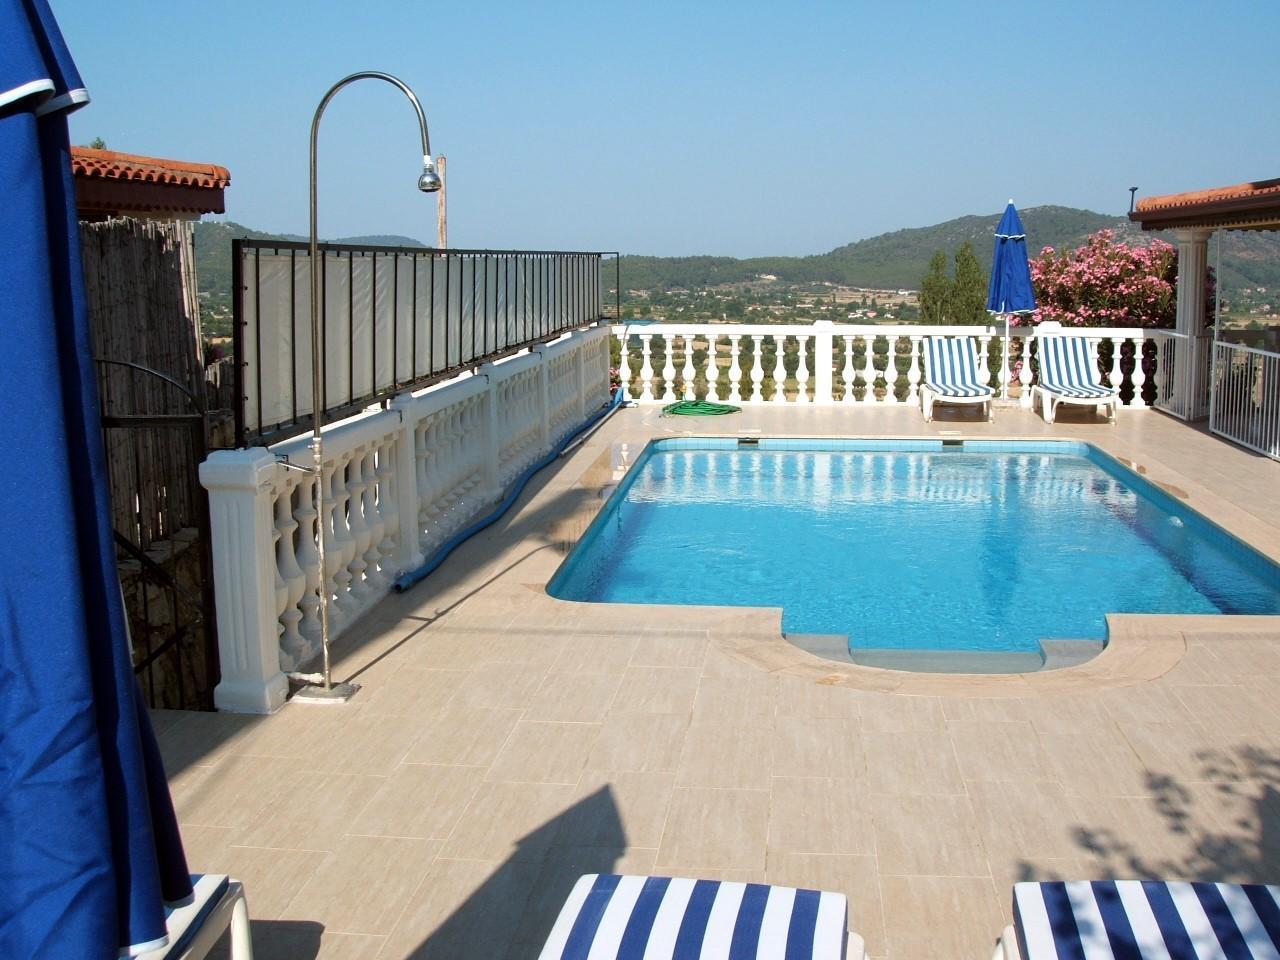 Ferienhaus Vacation Villa Kadyanda + Gym (364958), Fethiye, , Ägäisregion, Türkei, Bild 21